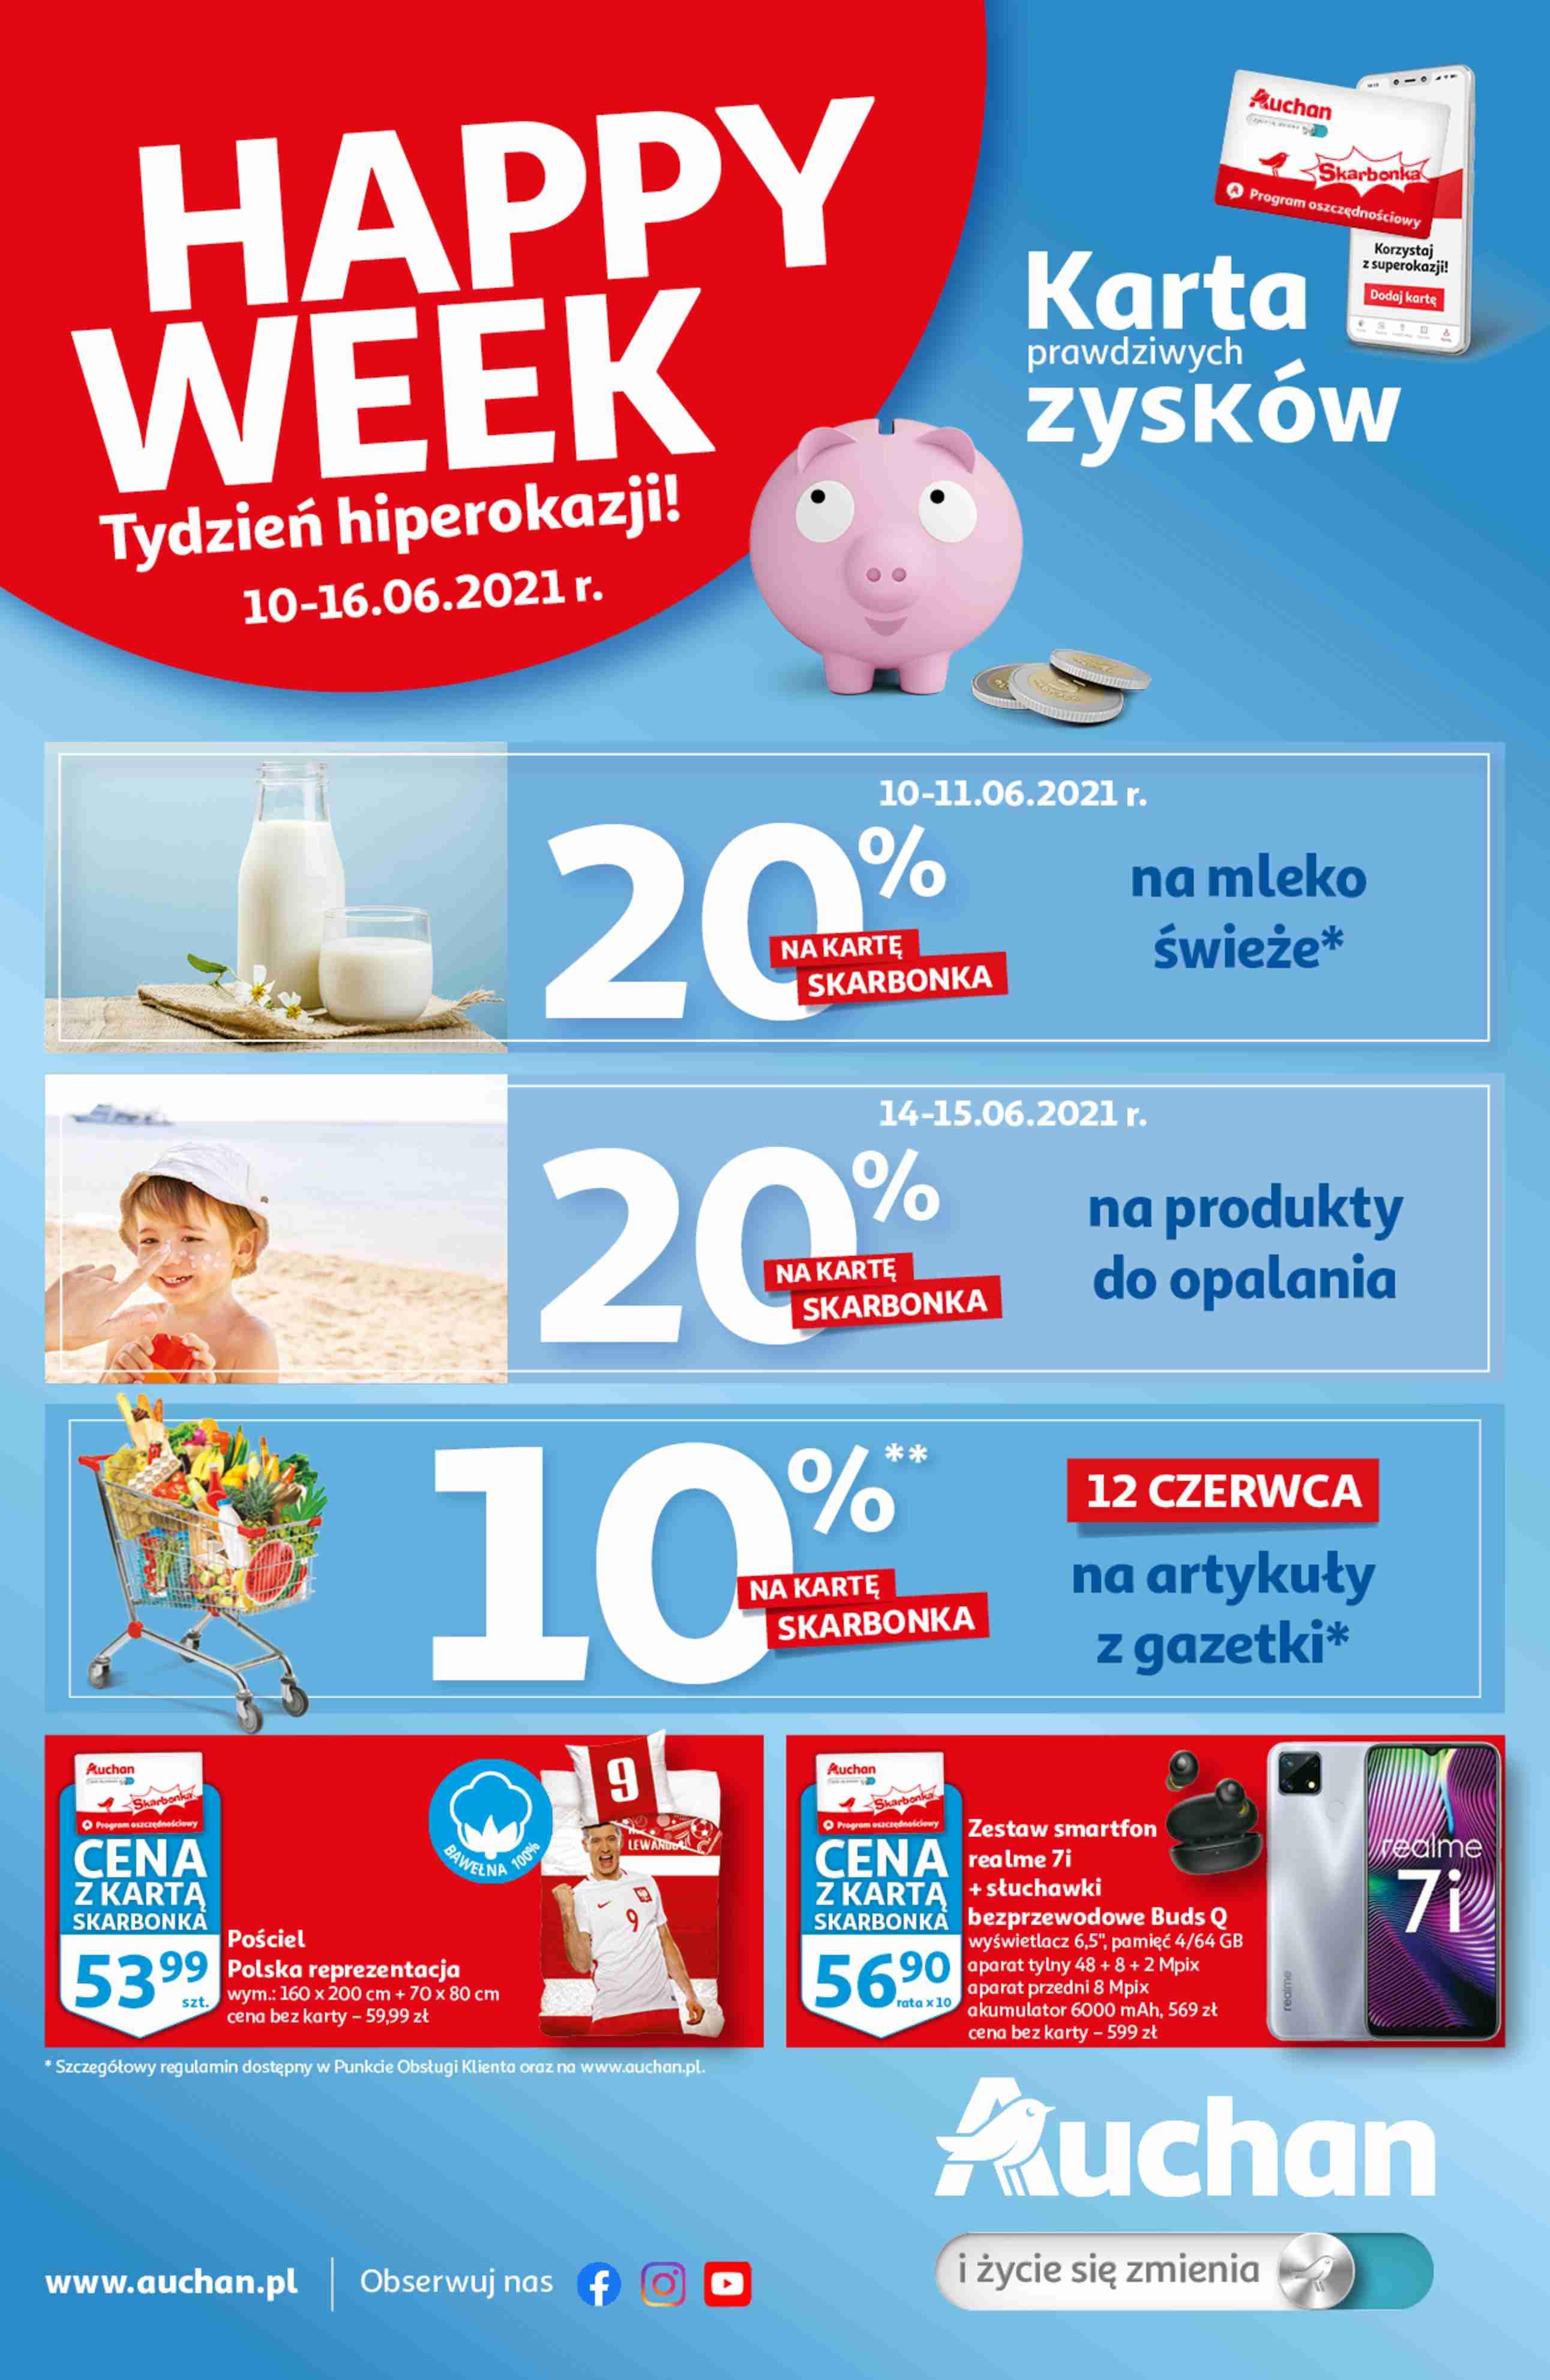 Auchan Gazetka promocyjna - Skarbonka#23 - 10.06 - 16.06